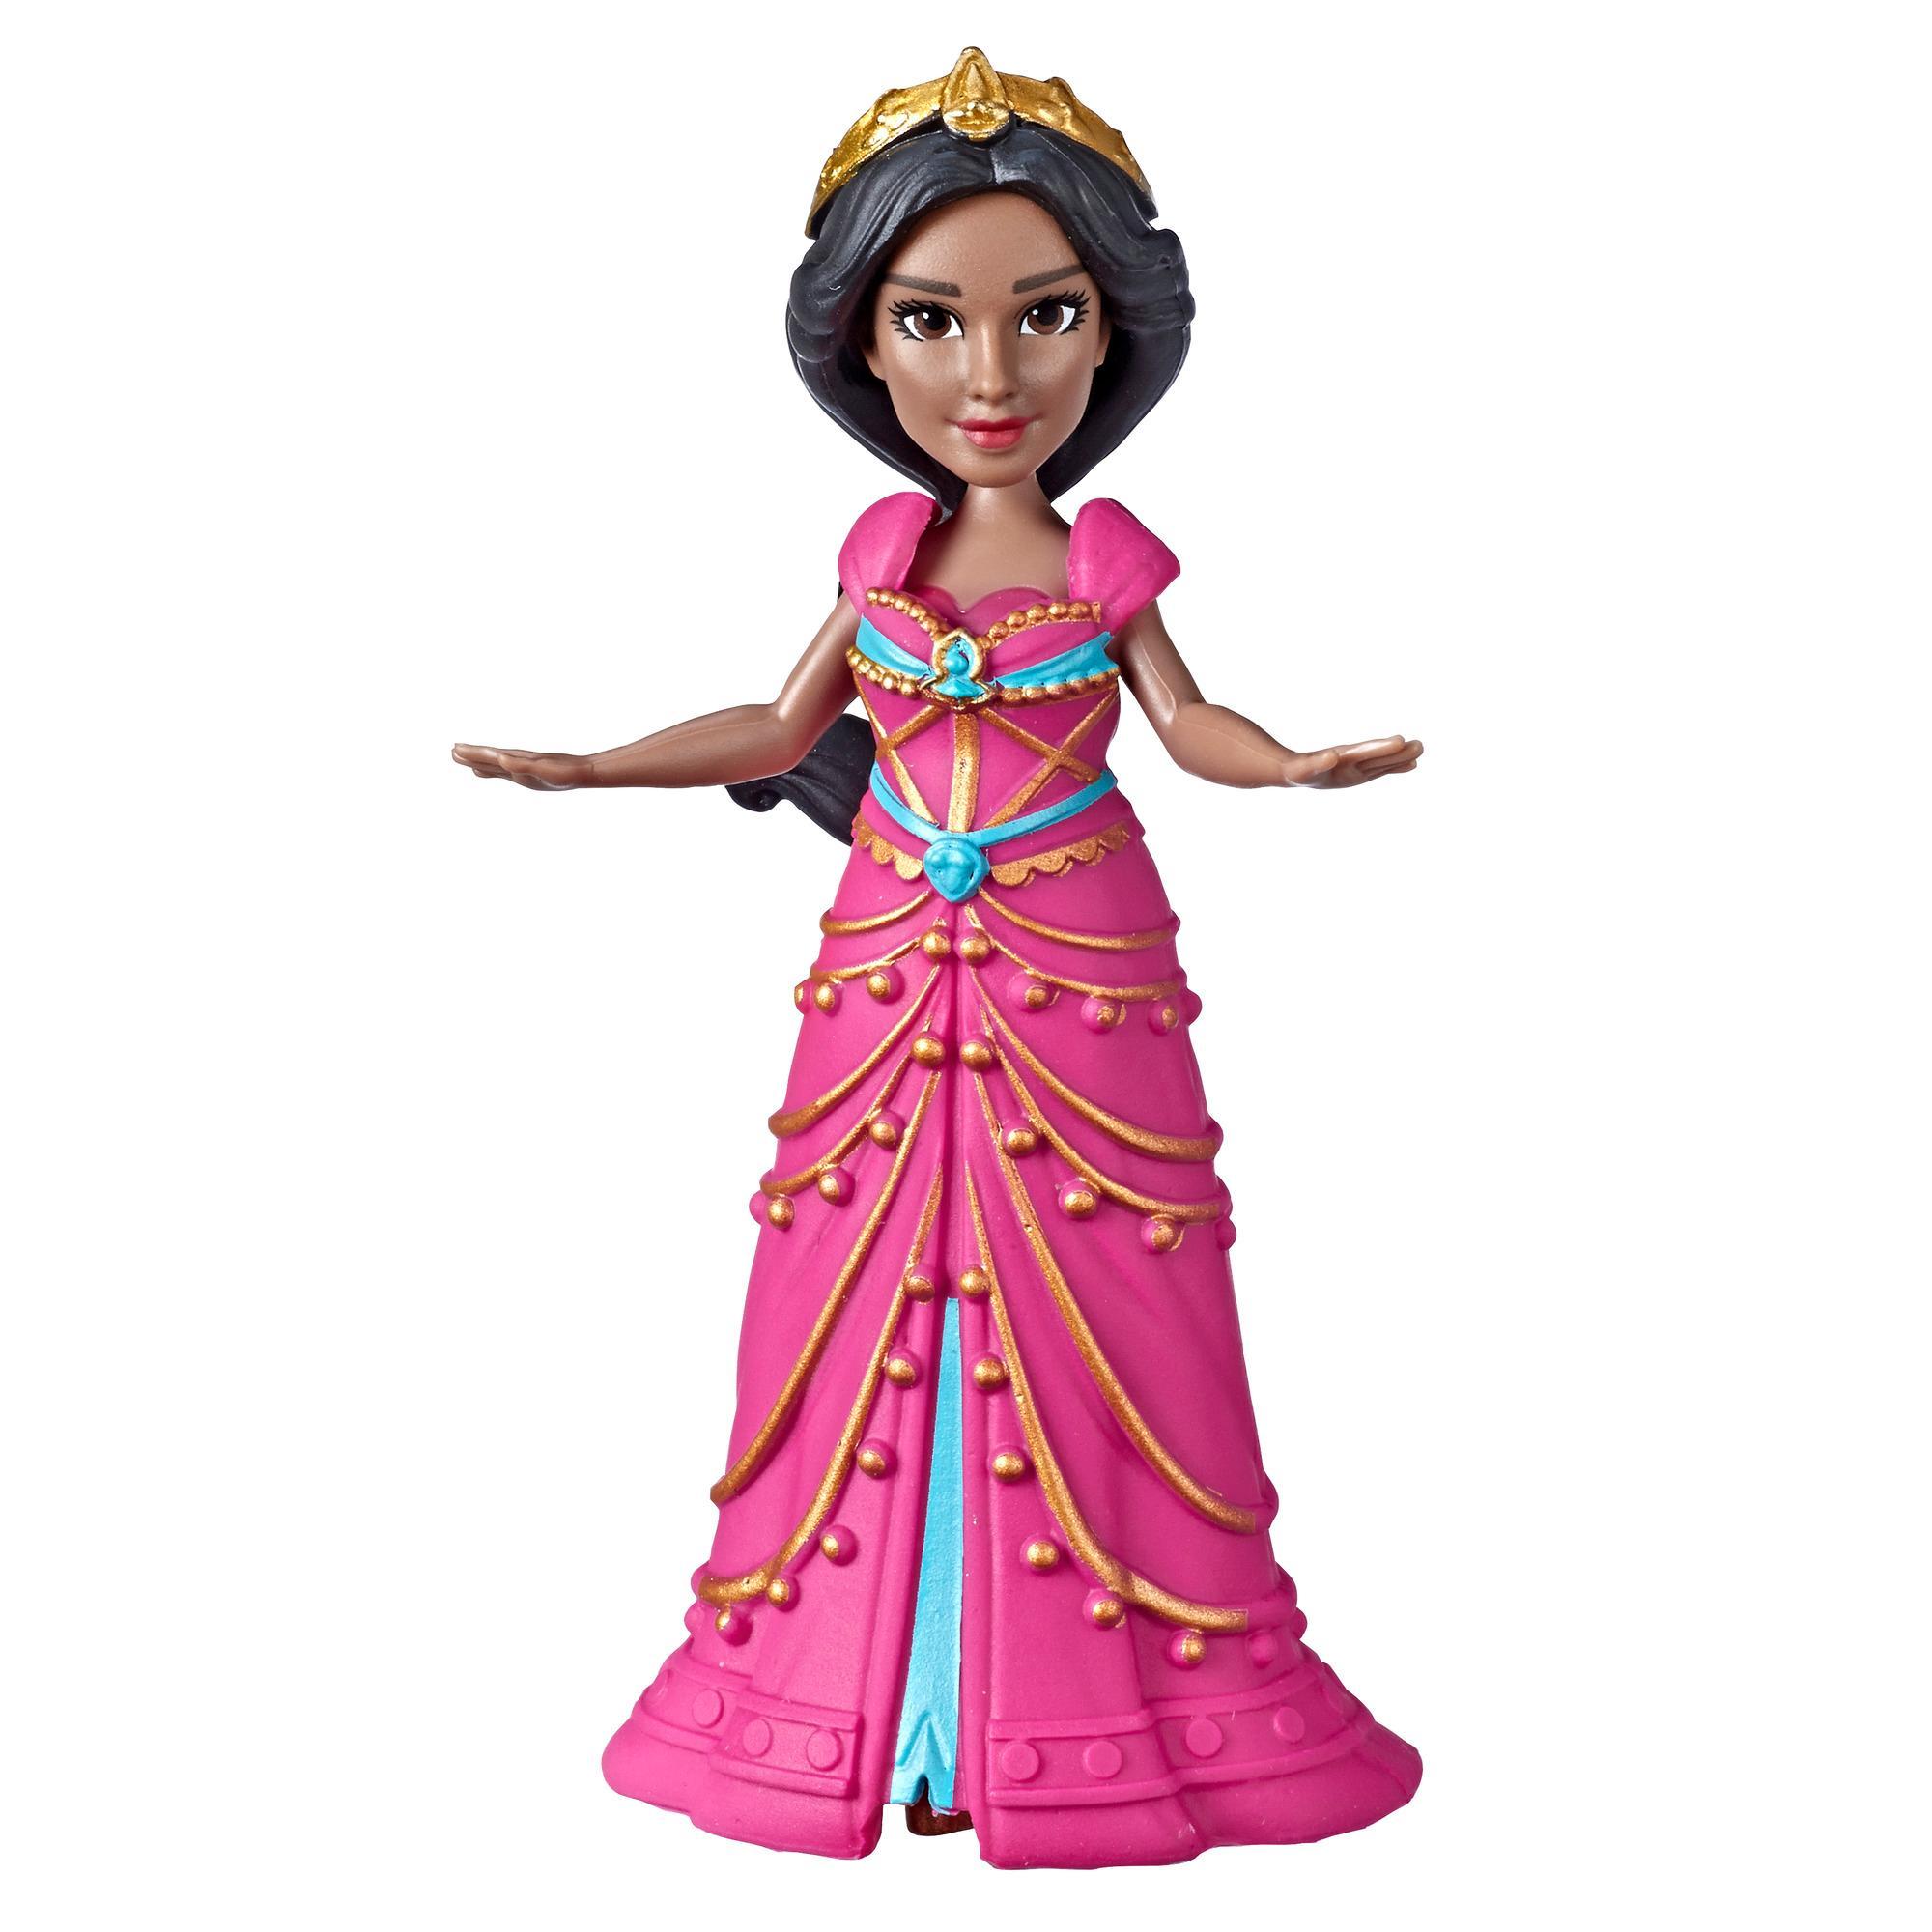 Disney - Poupée de collection Jasmine. Petite poupée de 8,5 cm vêtue d'une robe rose inspirée du film Aladdin de Disney, jouet pour enfants de 3 ans et plus